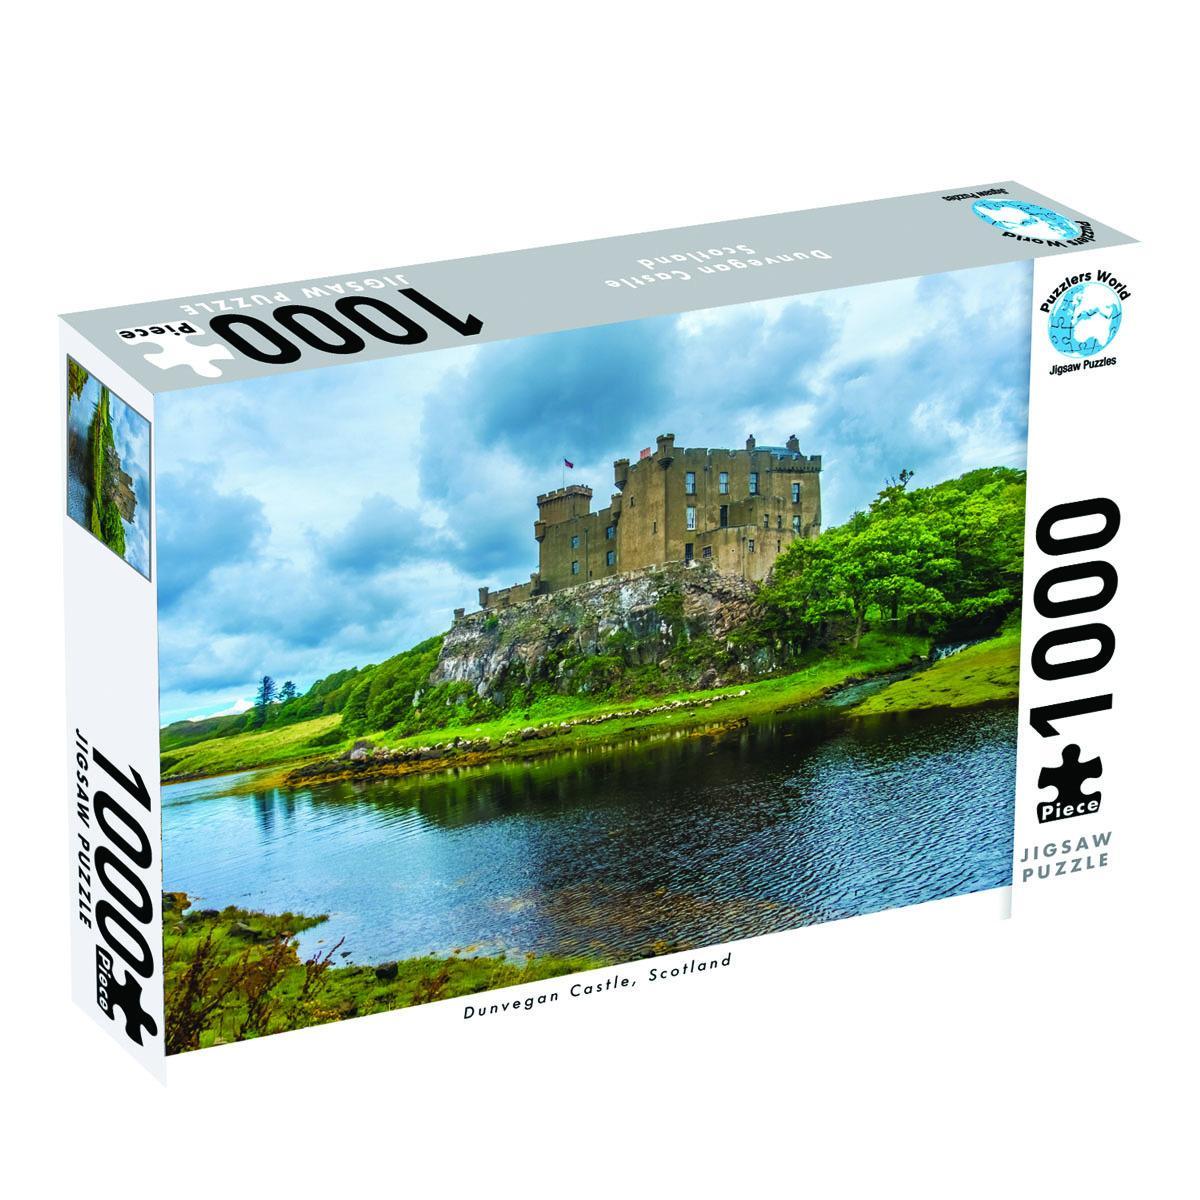 Dunvegan Castle Scotland 1000 PieceJigsawPuzzle